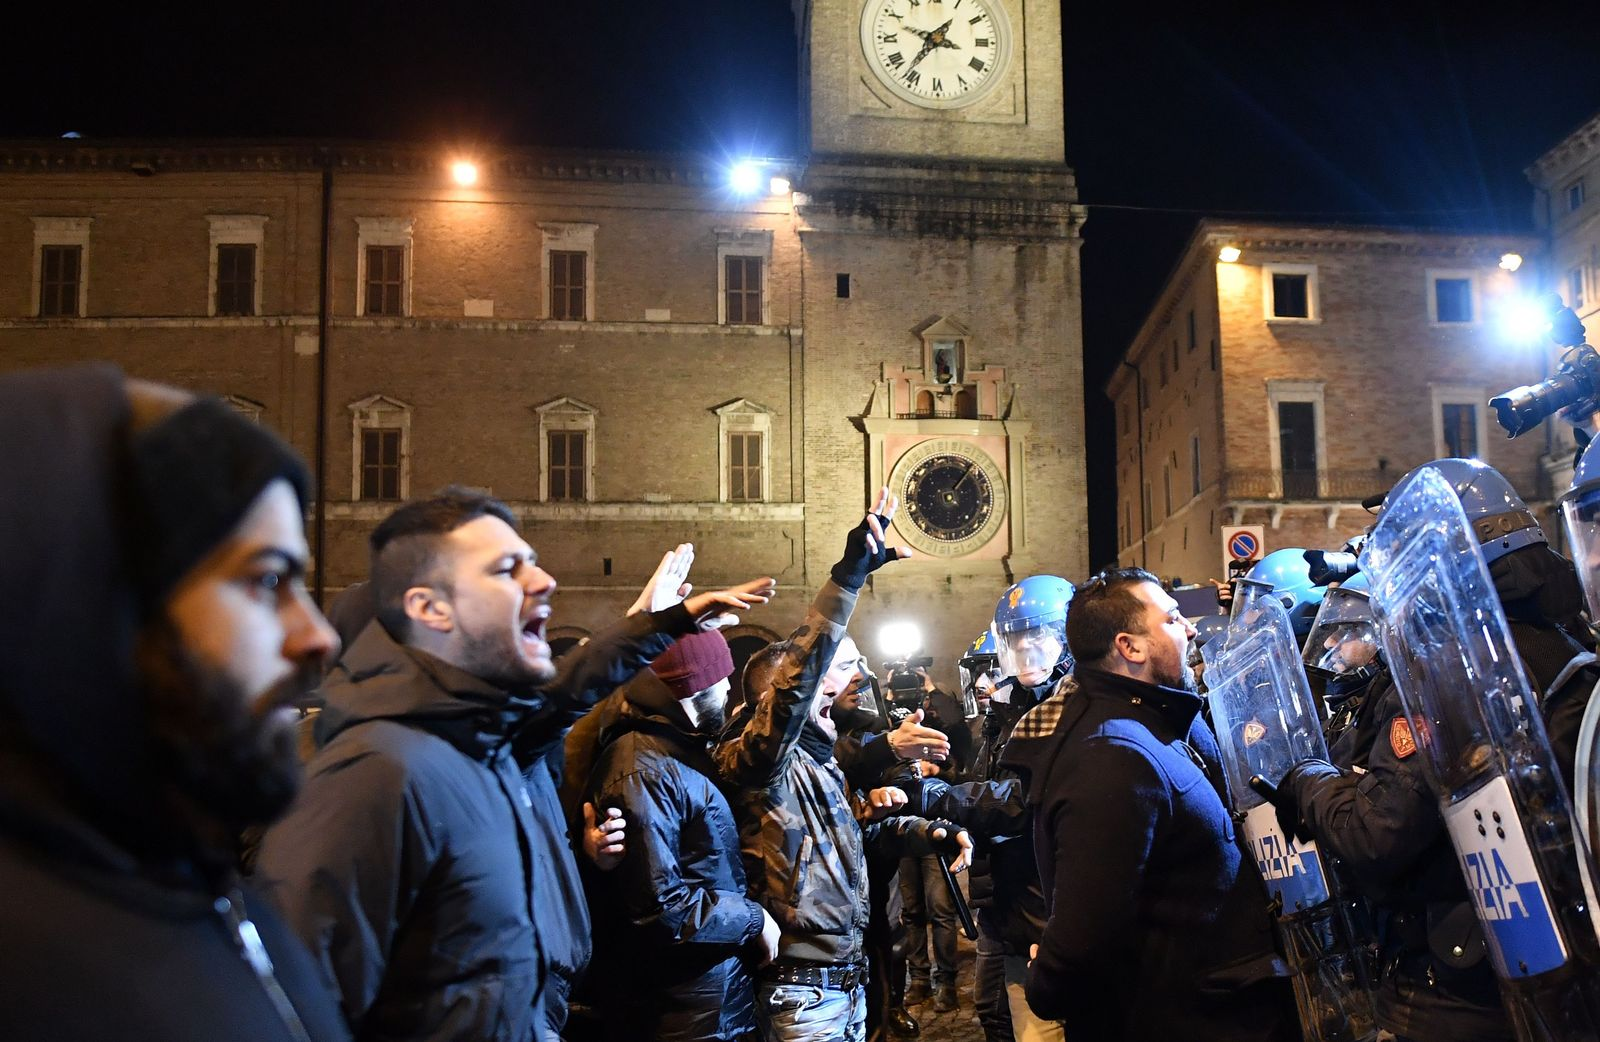 ITALY-POLITICS-FAR RIGHT-DEMO